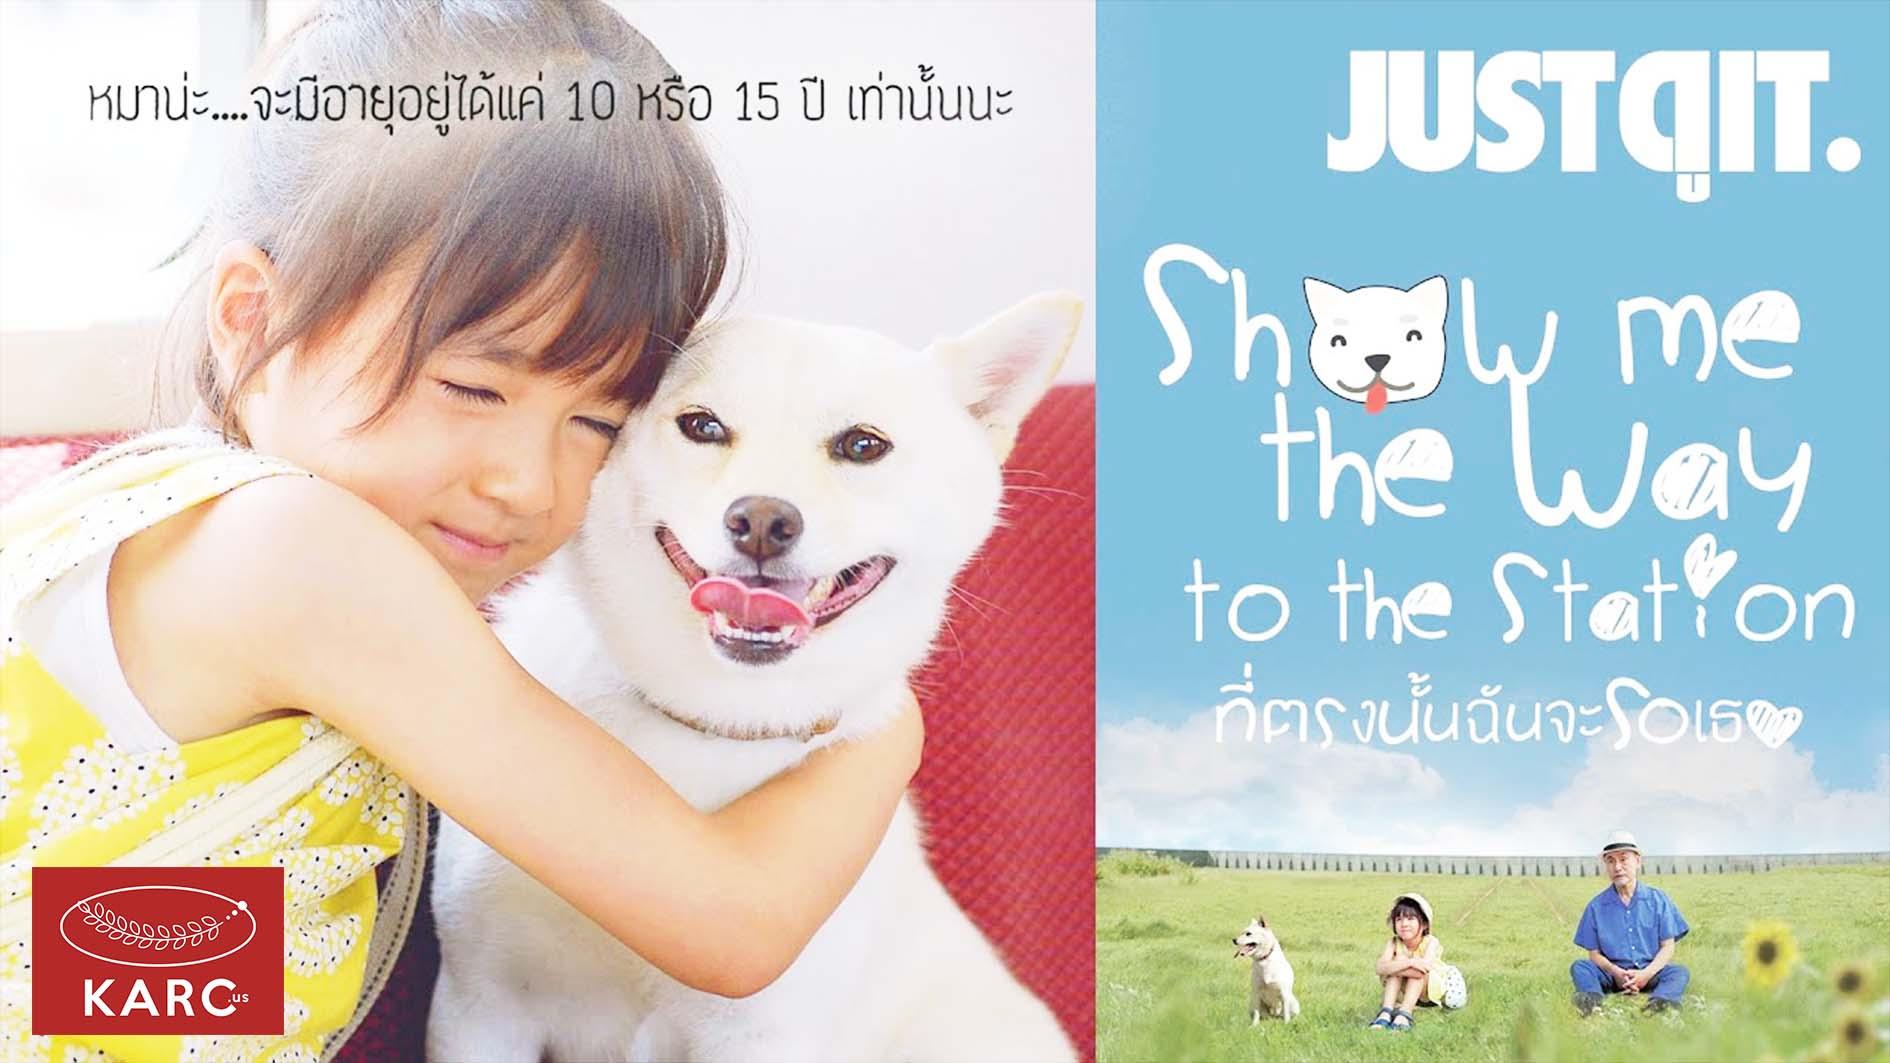 รีวิว Show Me The Way to The Station หนังคนรักหมาที่แฝงปรัชญาไว้ลึกซึ้ง - Karc.us